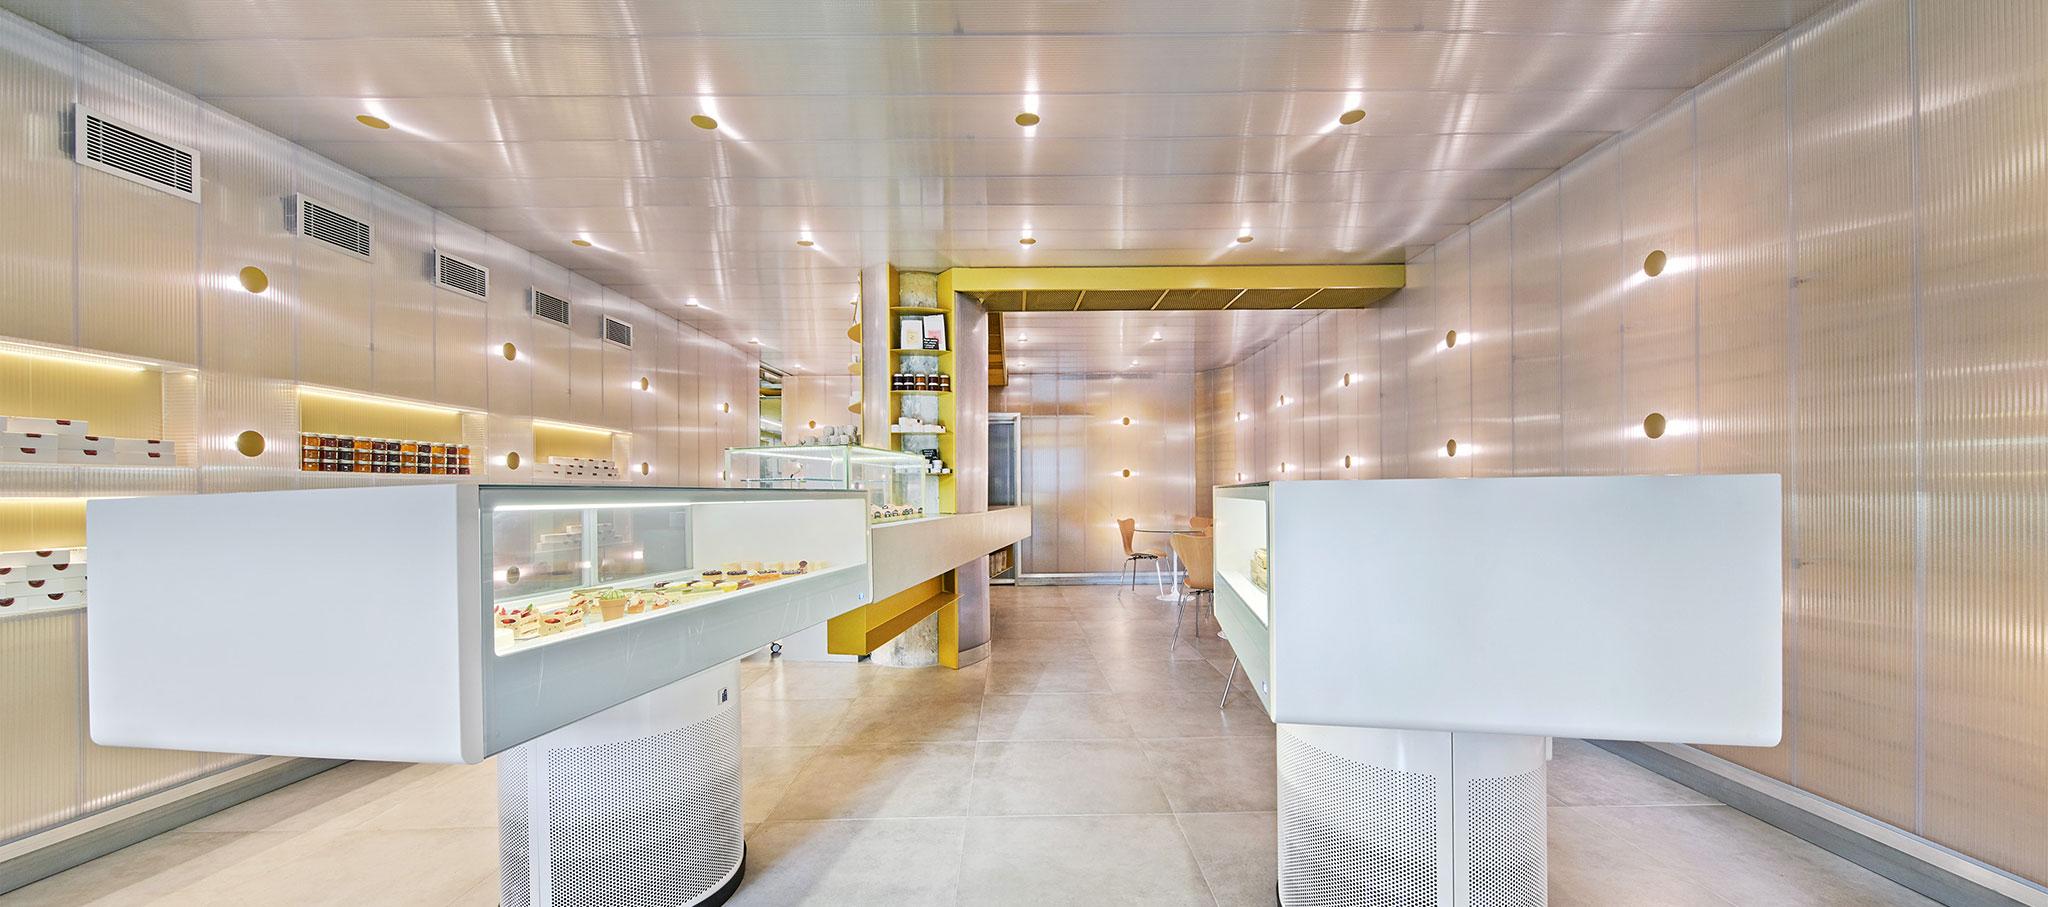 L'Atelier por IDEO Arquitectura. Fotografía de José Hevia